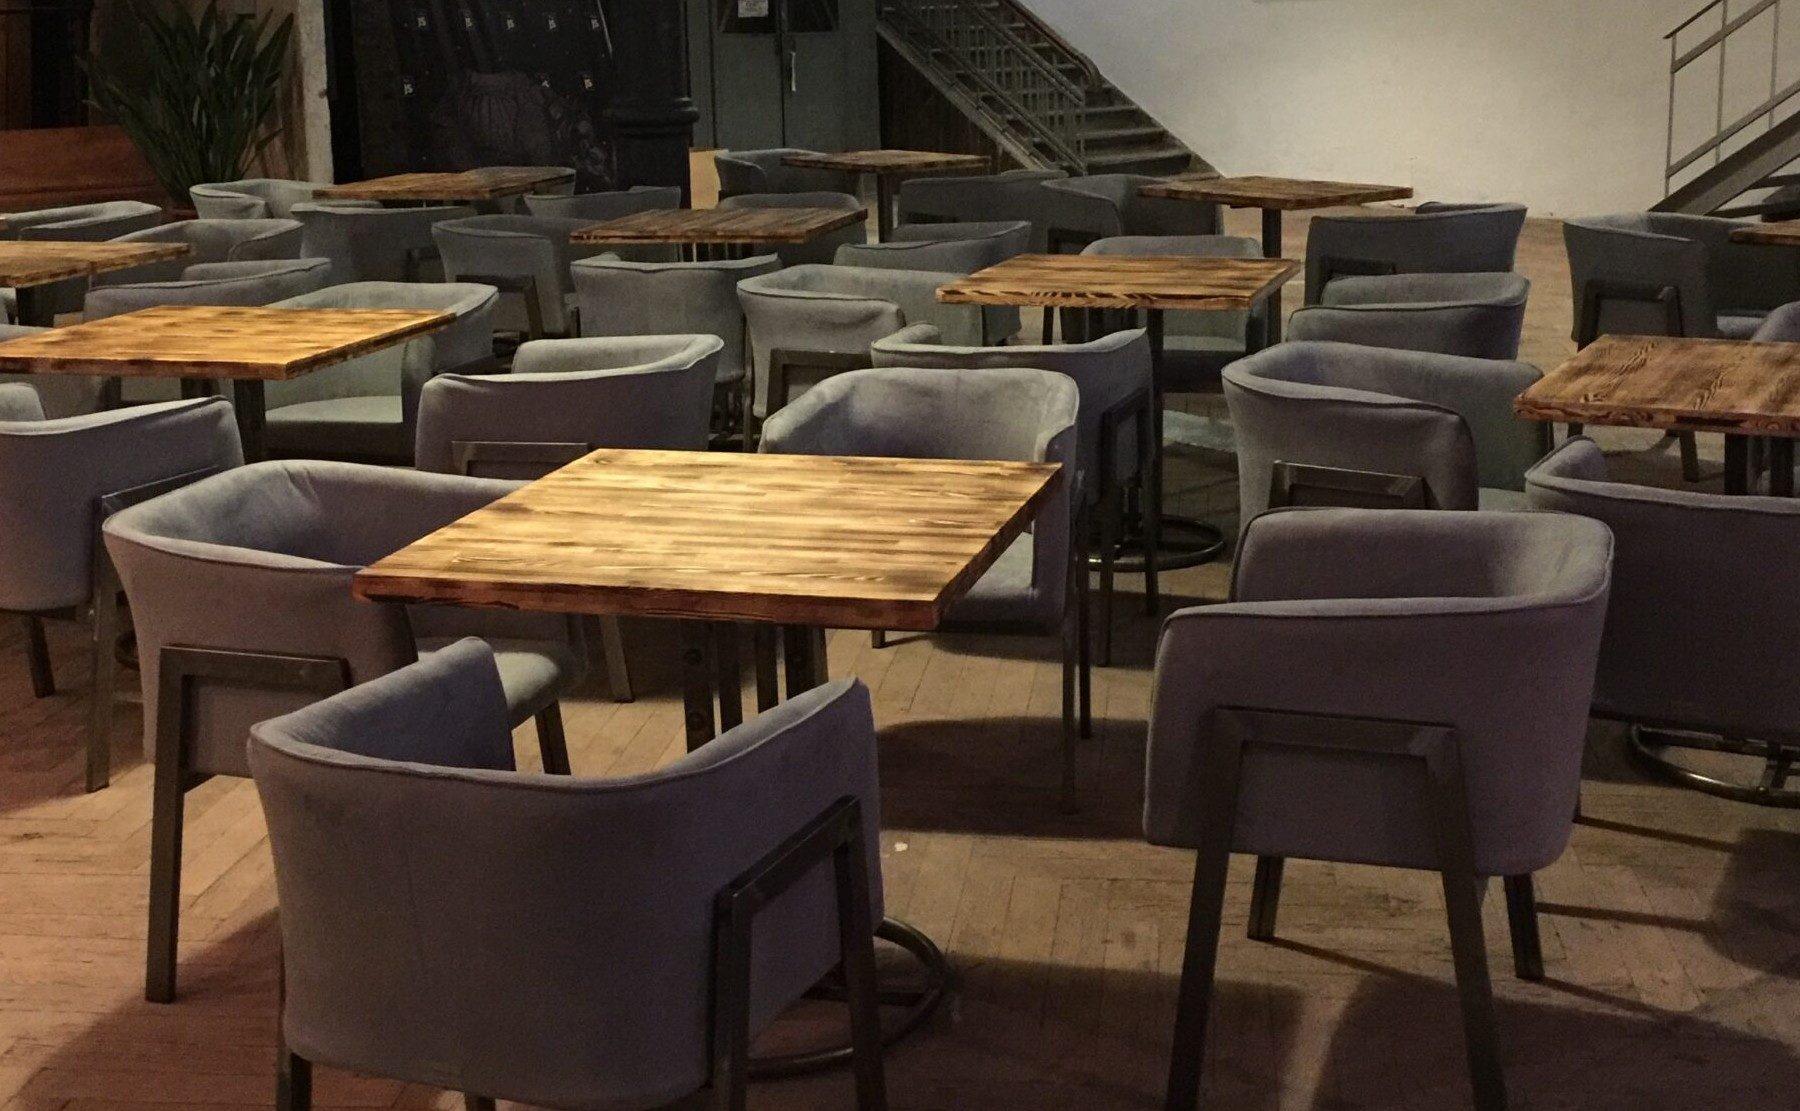 tables-owugsikomha6t0ee8f5b50rx44zskk24jnpbslyzja